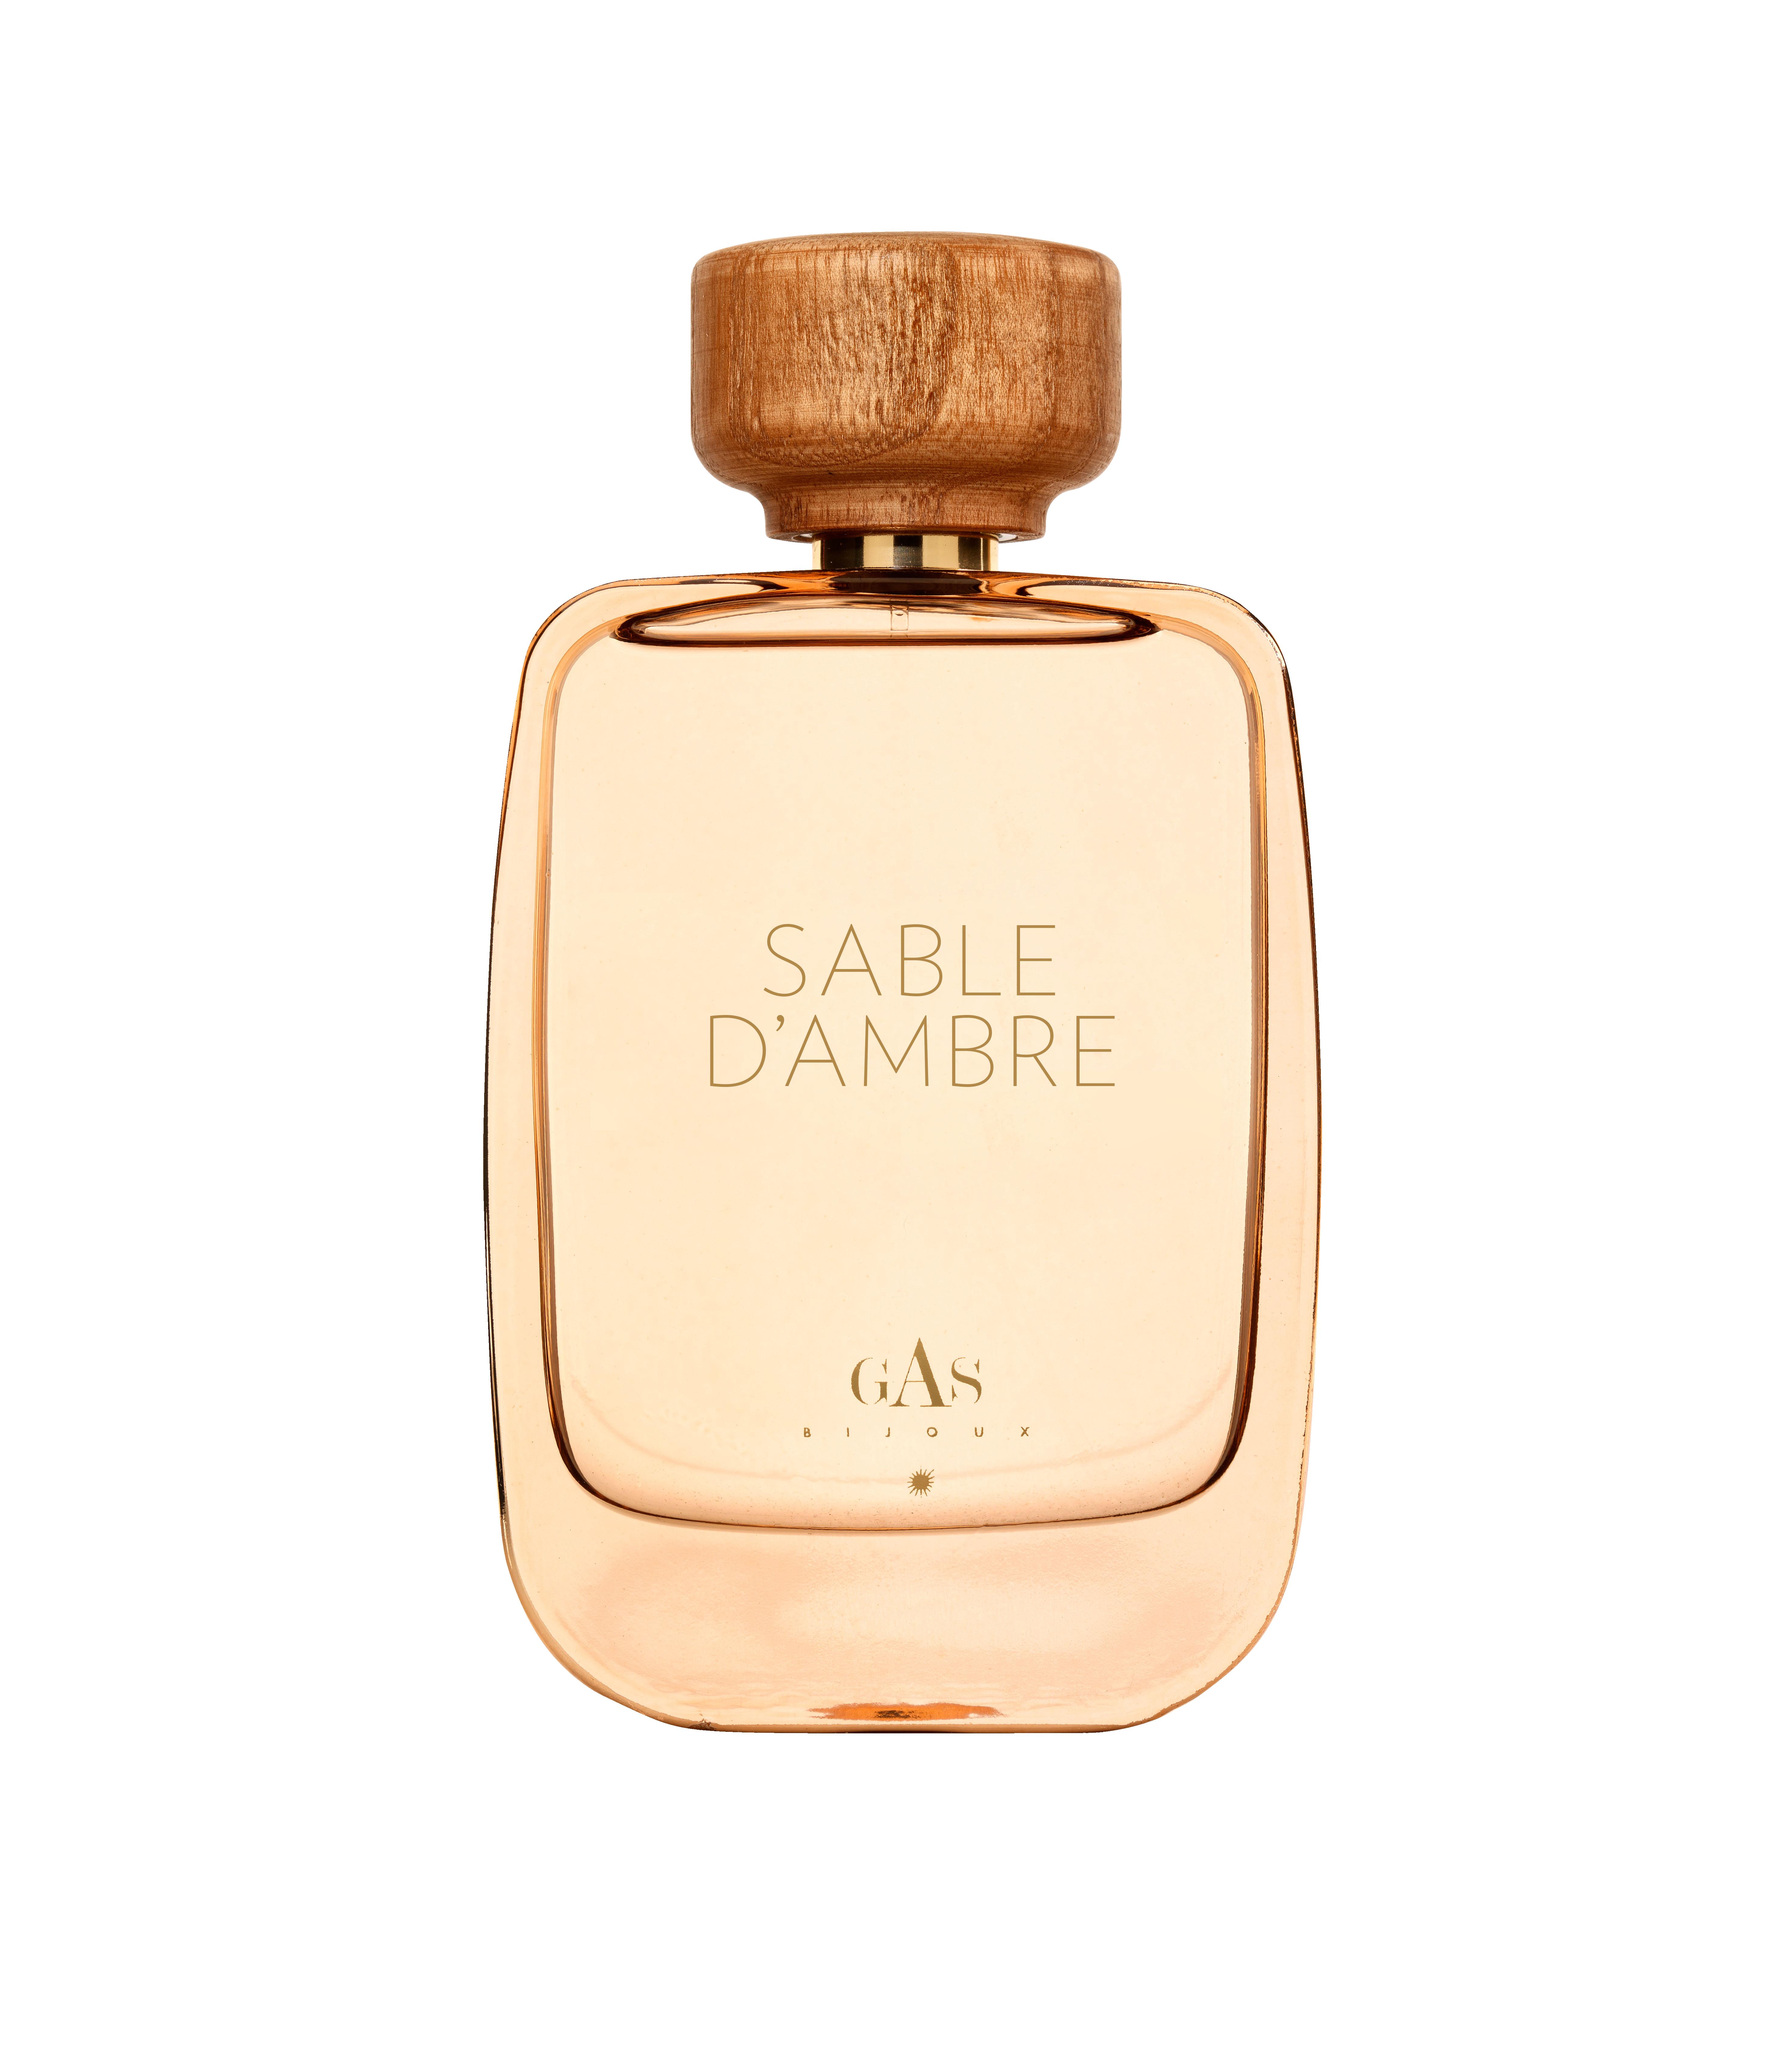 Gas Bijoux Sable D'ambre Eau de Parfum Spray 100ml